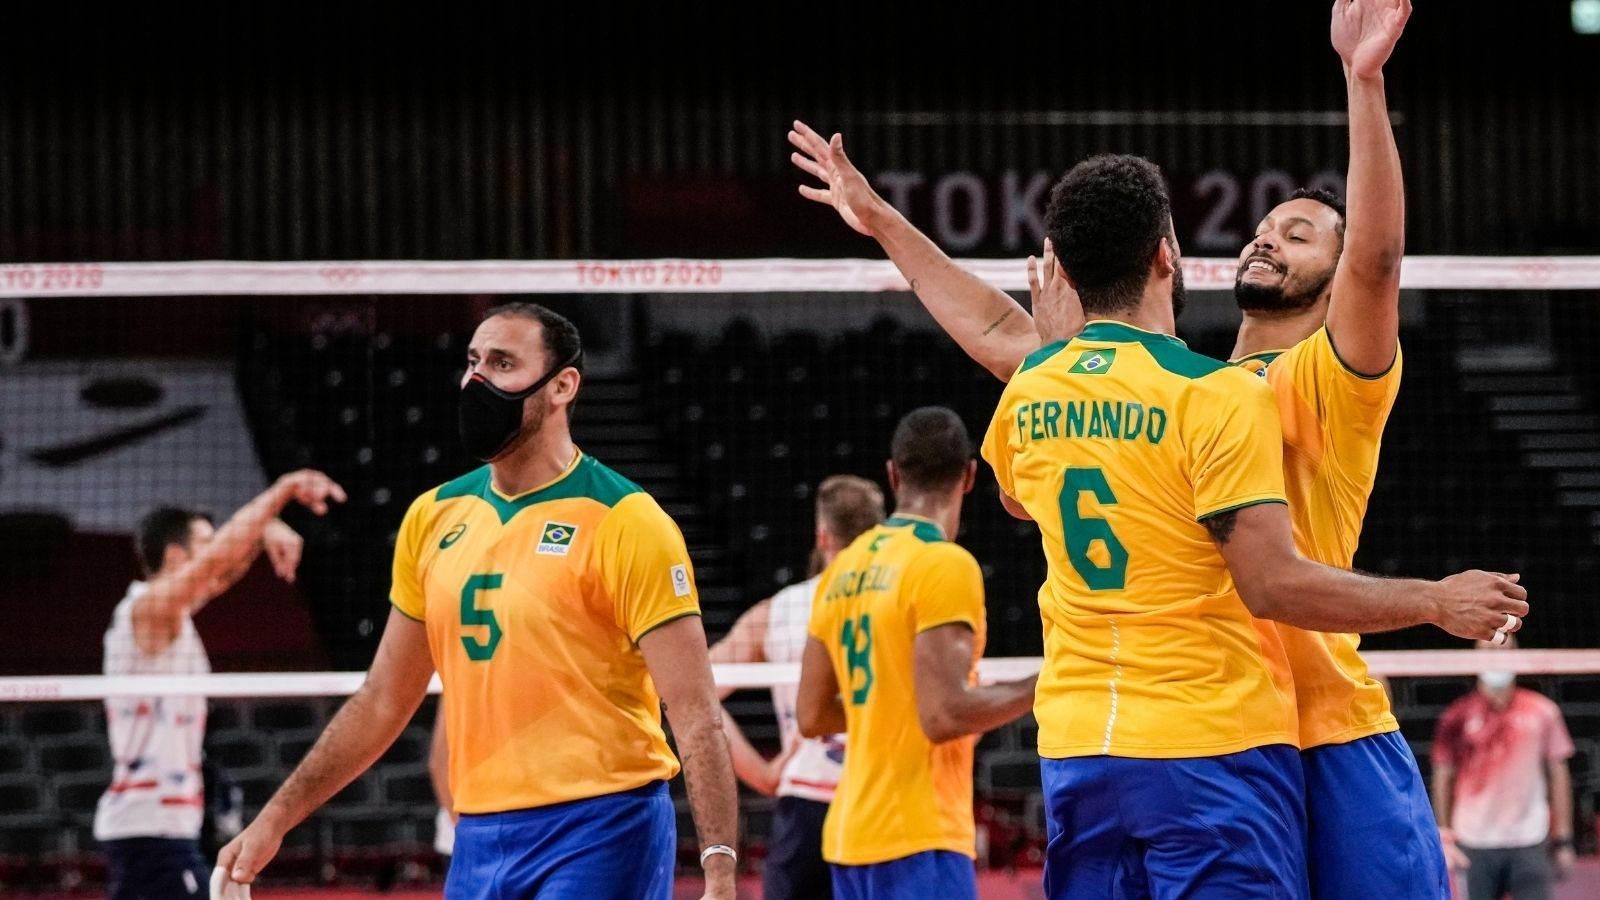 Jogadores da seleção brasileira de vôlei comemoram um ponto